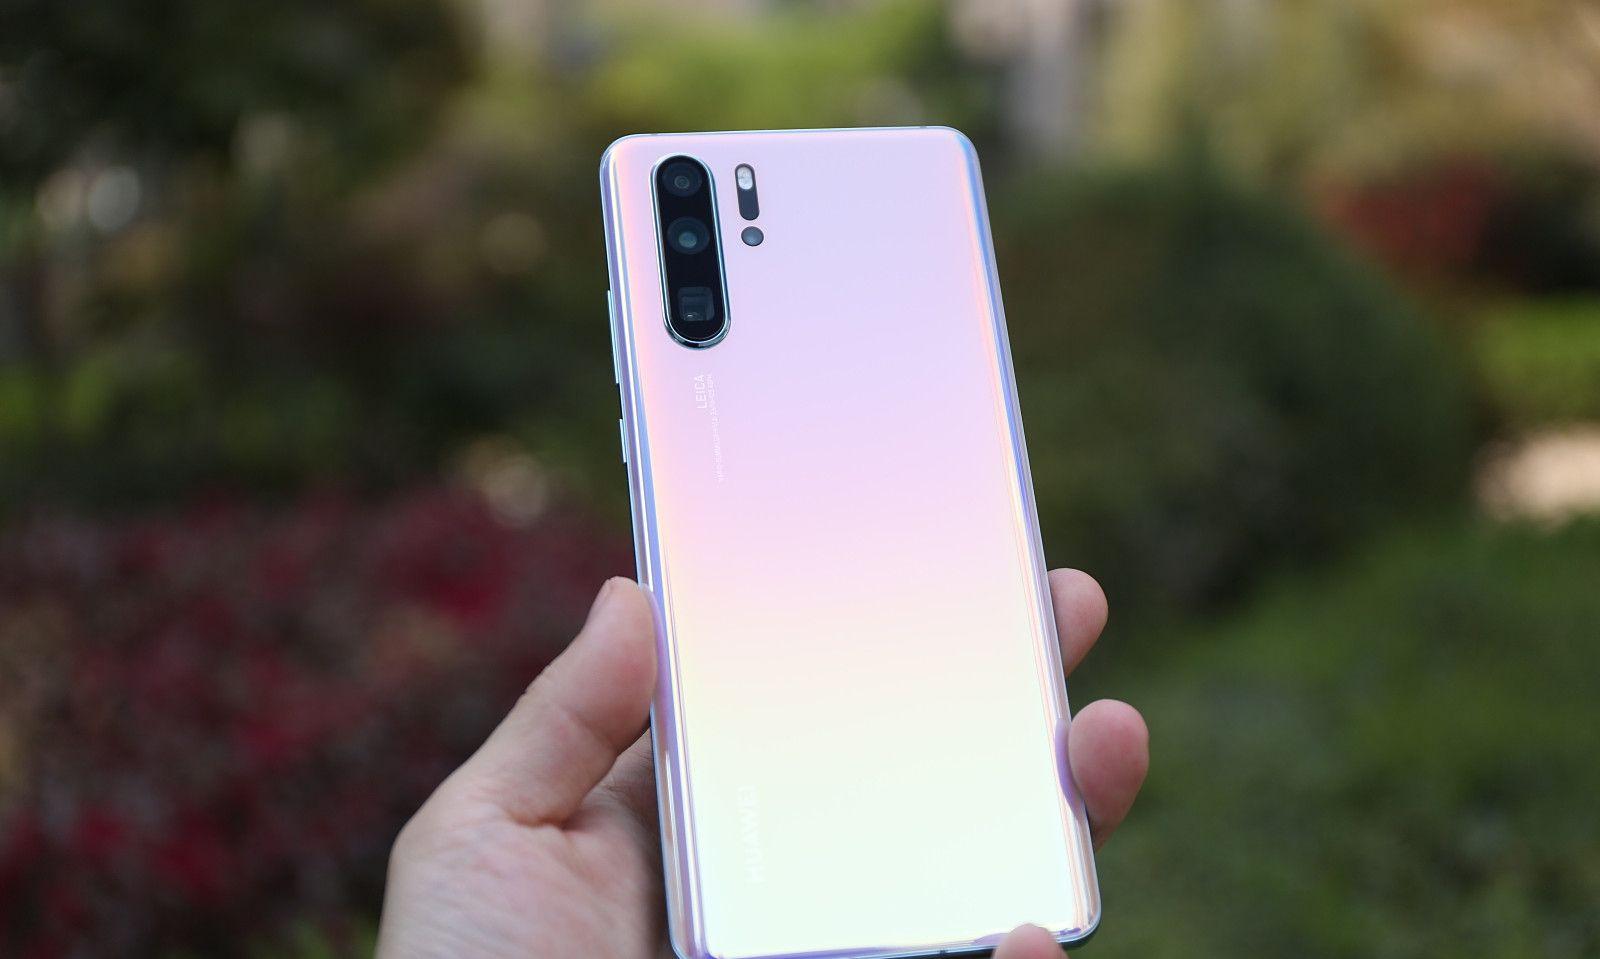 外媒评出2019年最佳智能手机:华为小米各一款上榜,最后一款是它